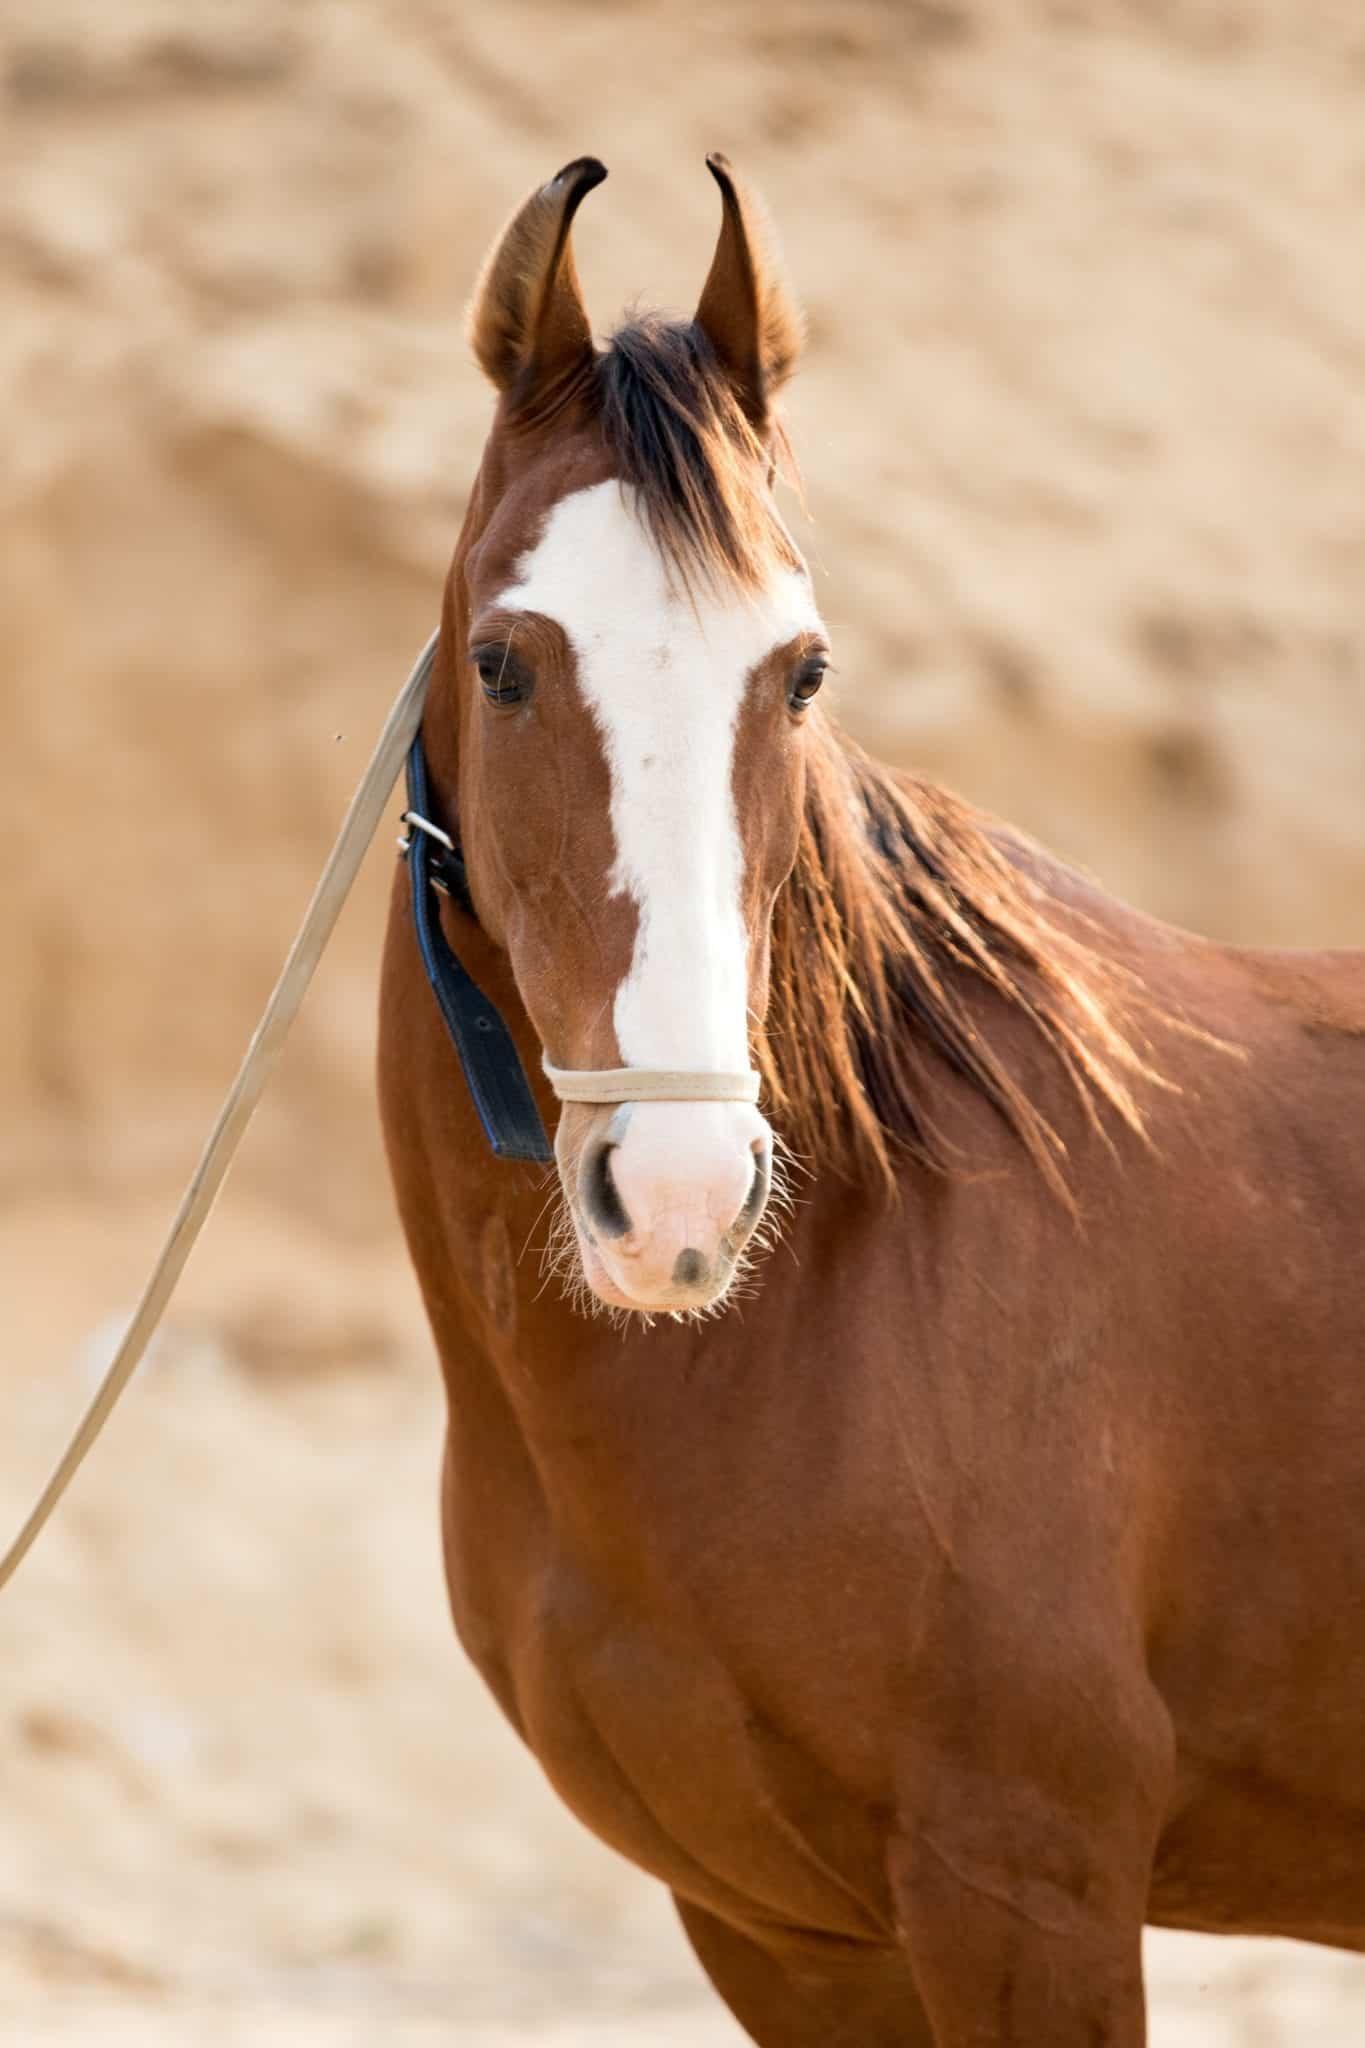 Portrait of a chestnut marwari horse.